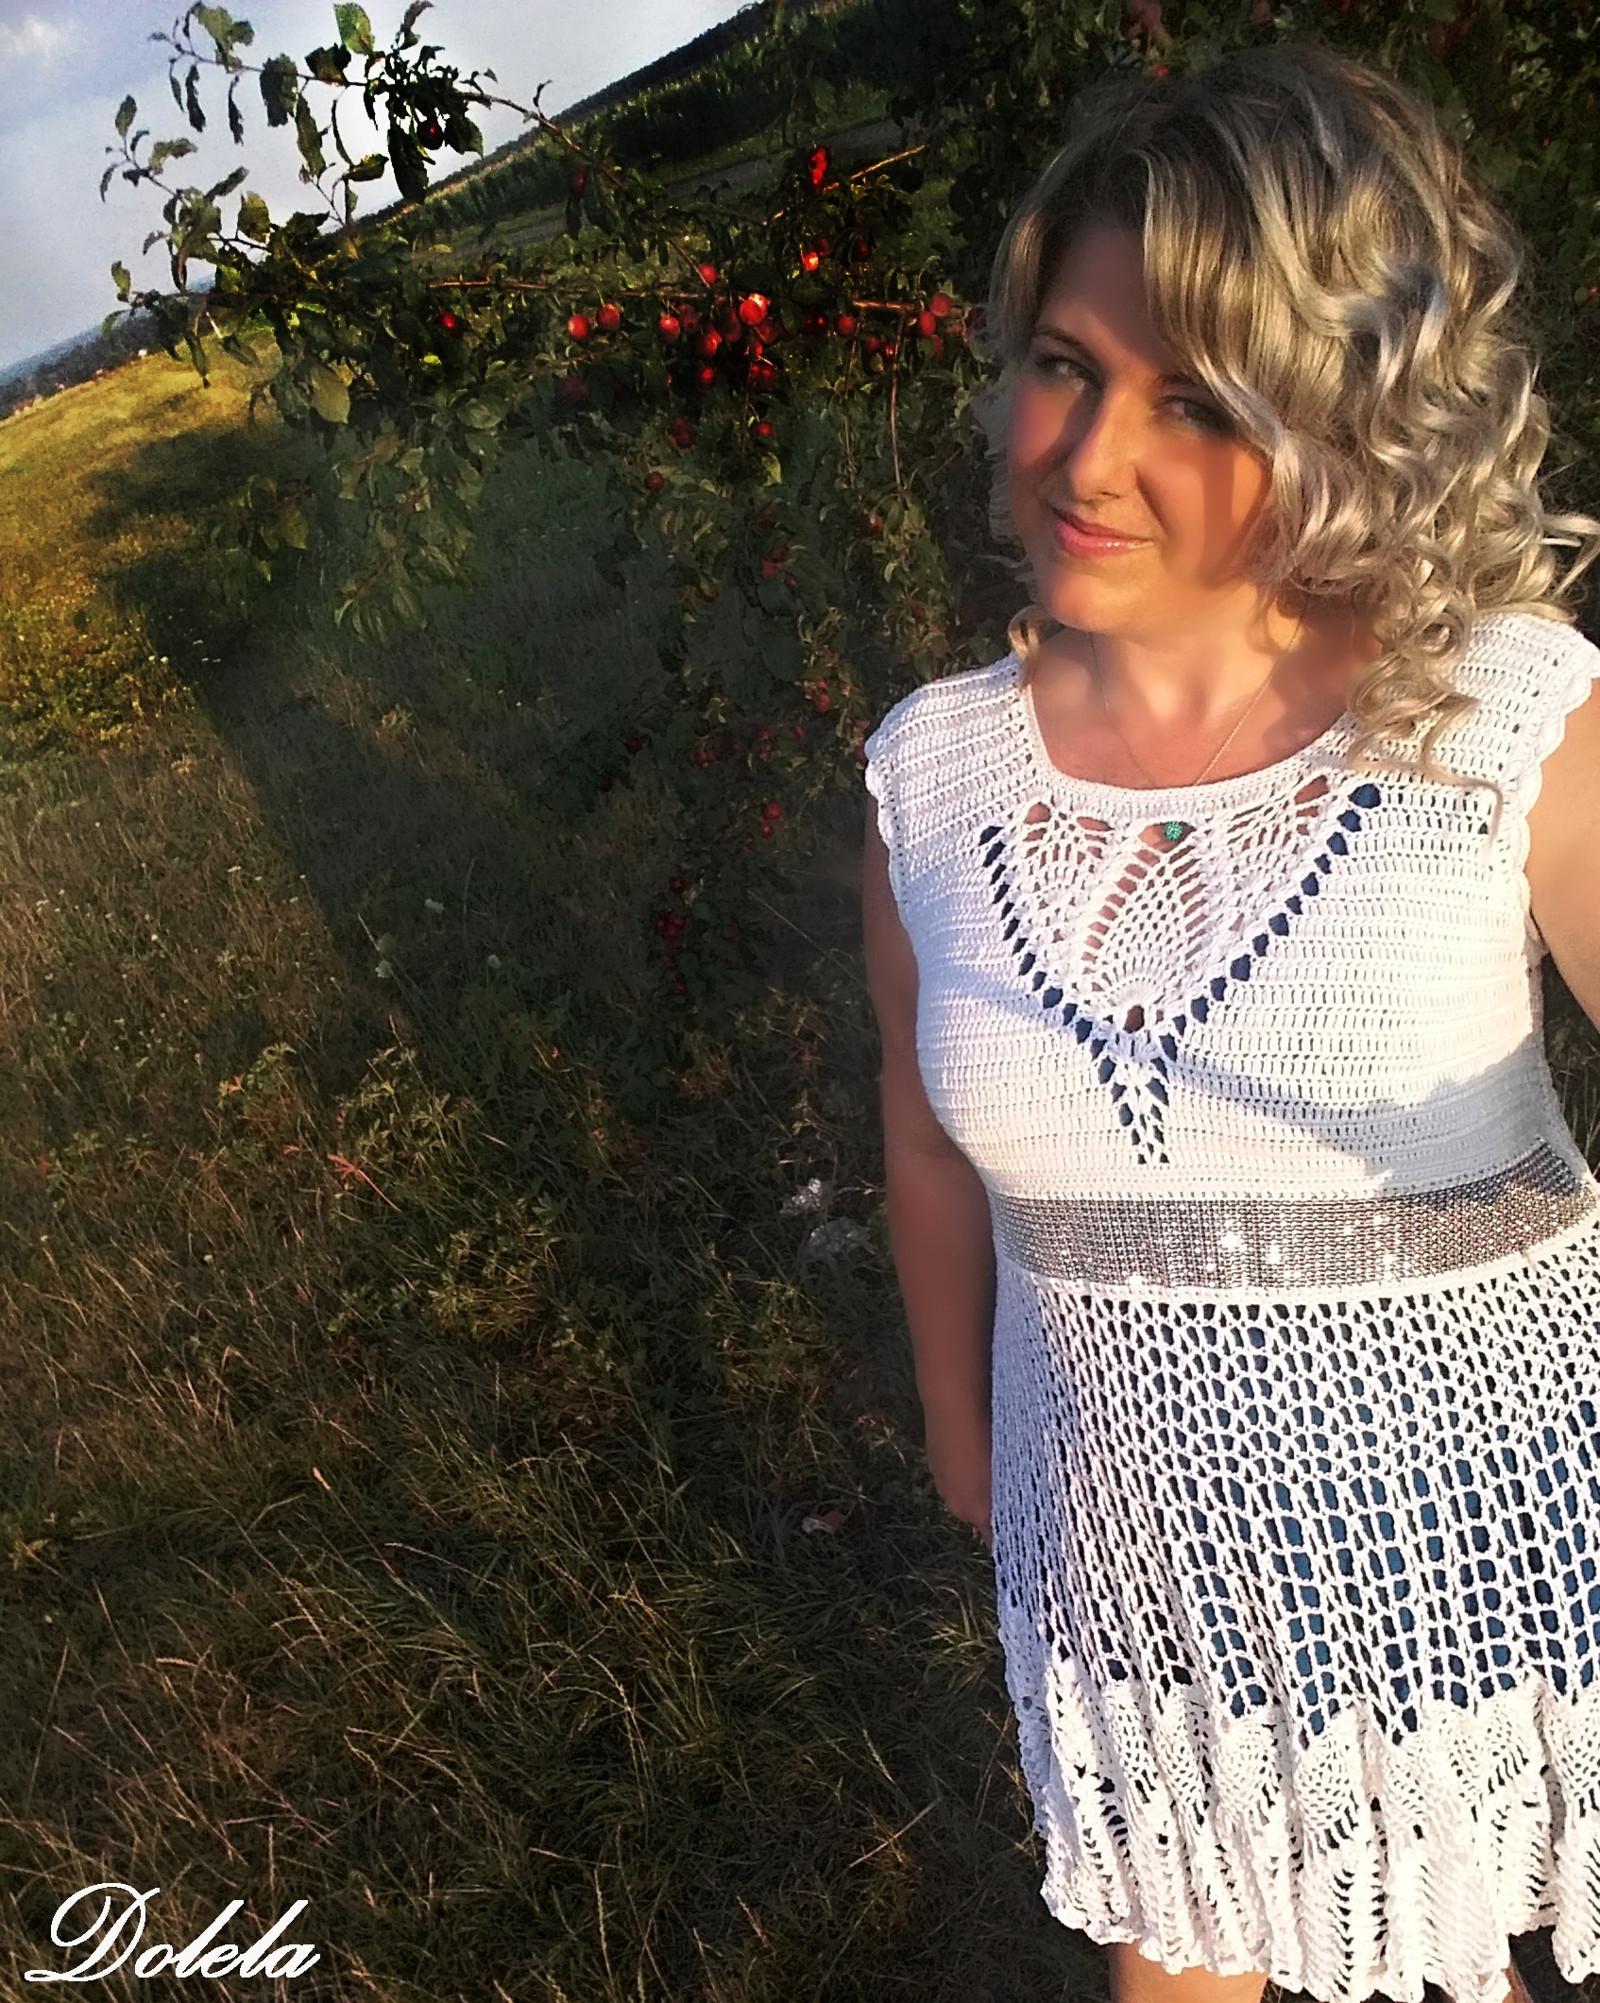 Háčkované šaty   SKLADEM   Zboží prodejce dolela  3fa69aa9a1